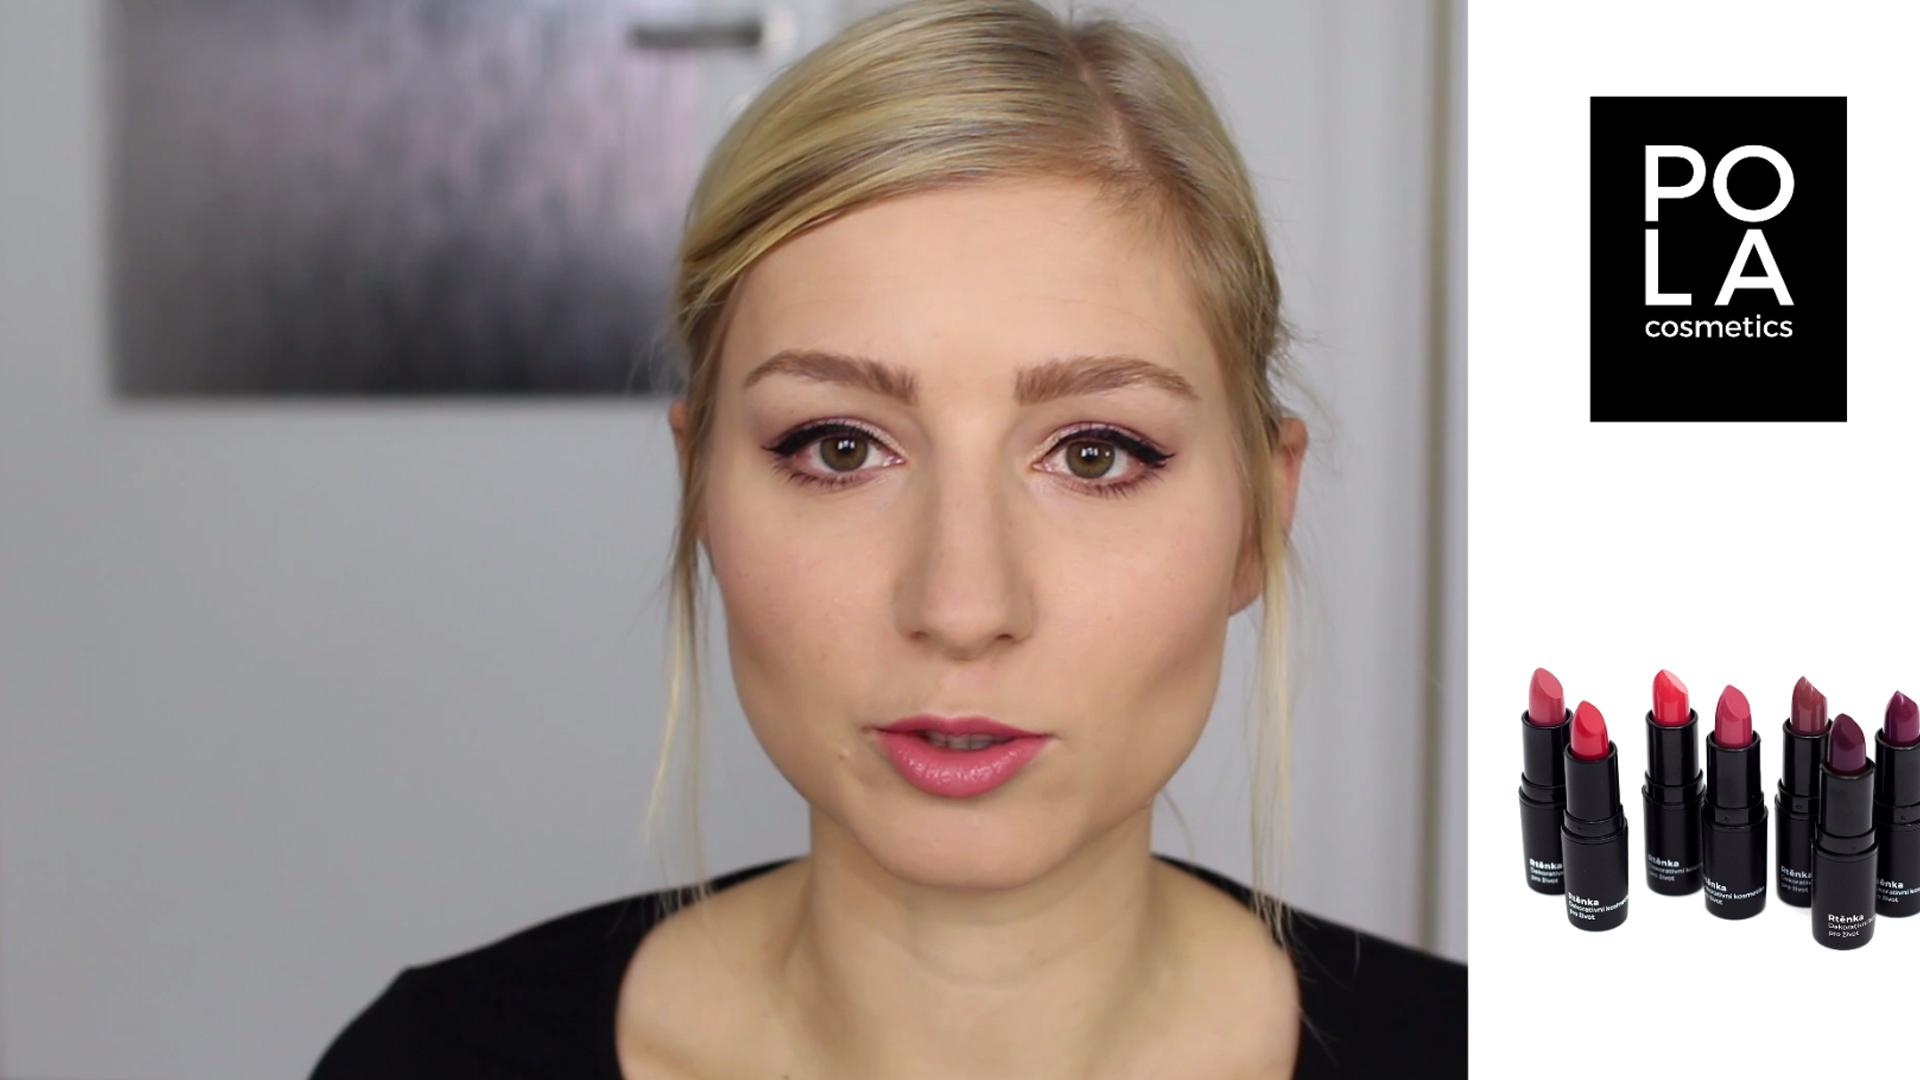 Testování a recenze rtěnky 106 Pola Cosmetics - flabgee - Eva Šedivá